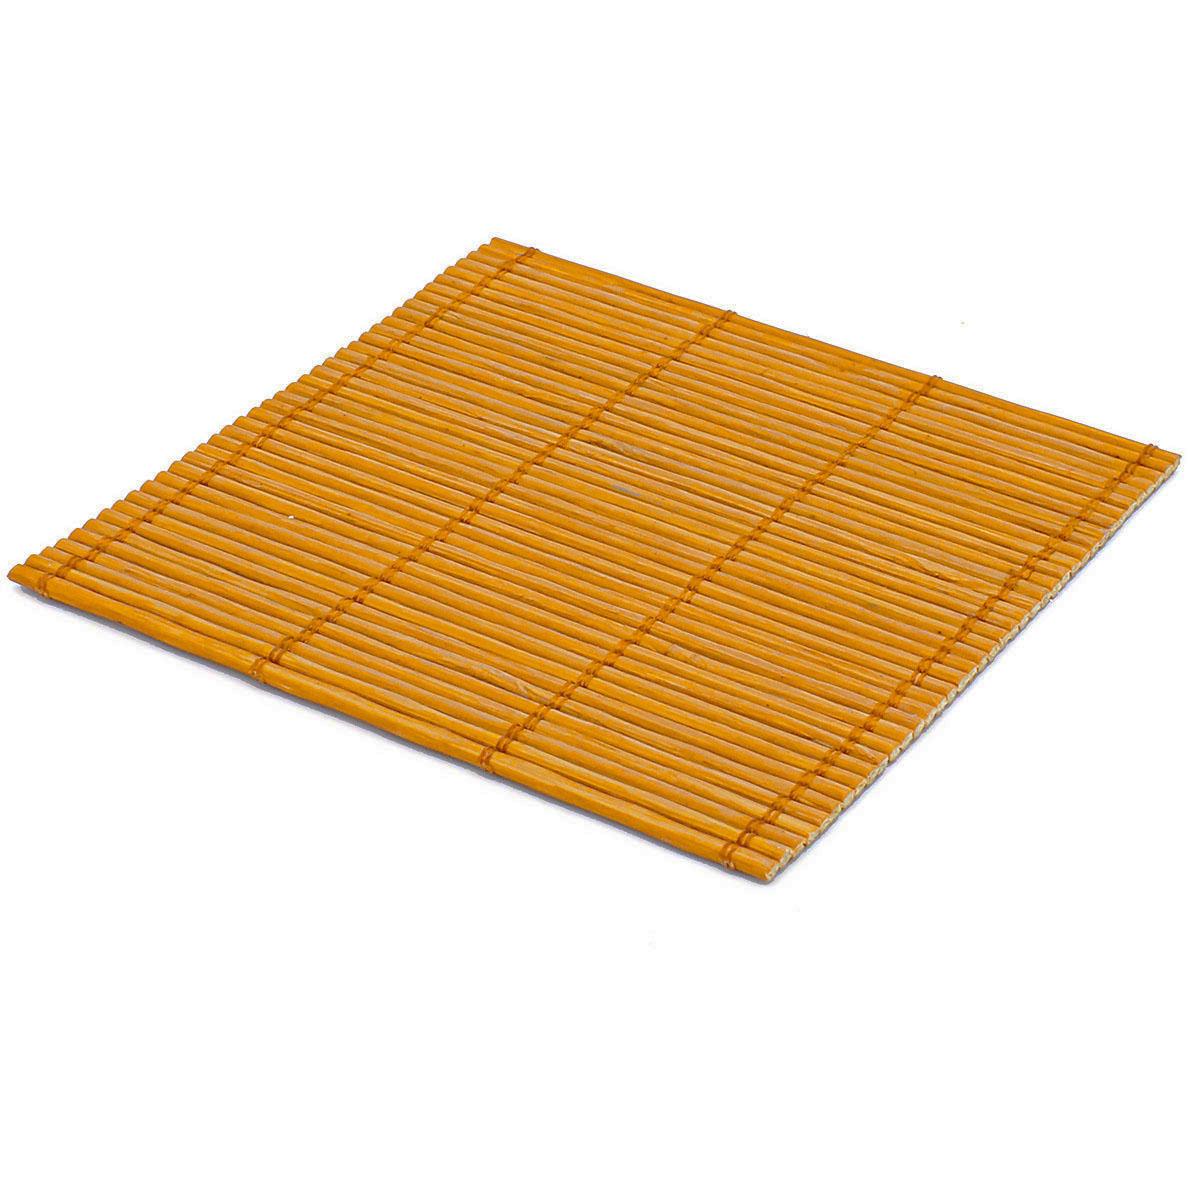 Набор чайных циновок (бамбук) оранжевые 10 х 10 см 5 шт/упак.